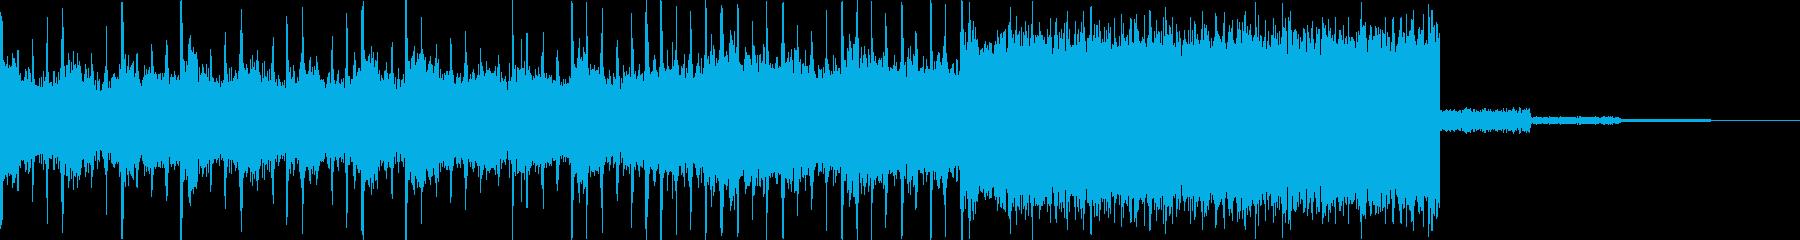 約10秒の元気なサウンドロゴです。の再生済みの波形